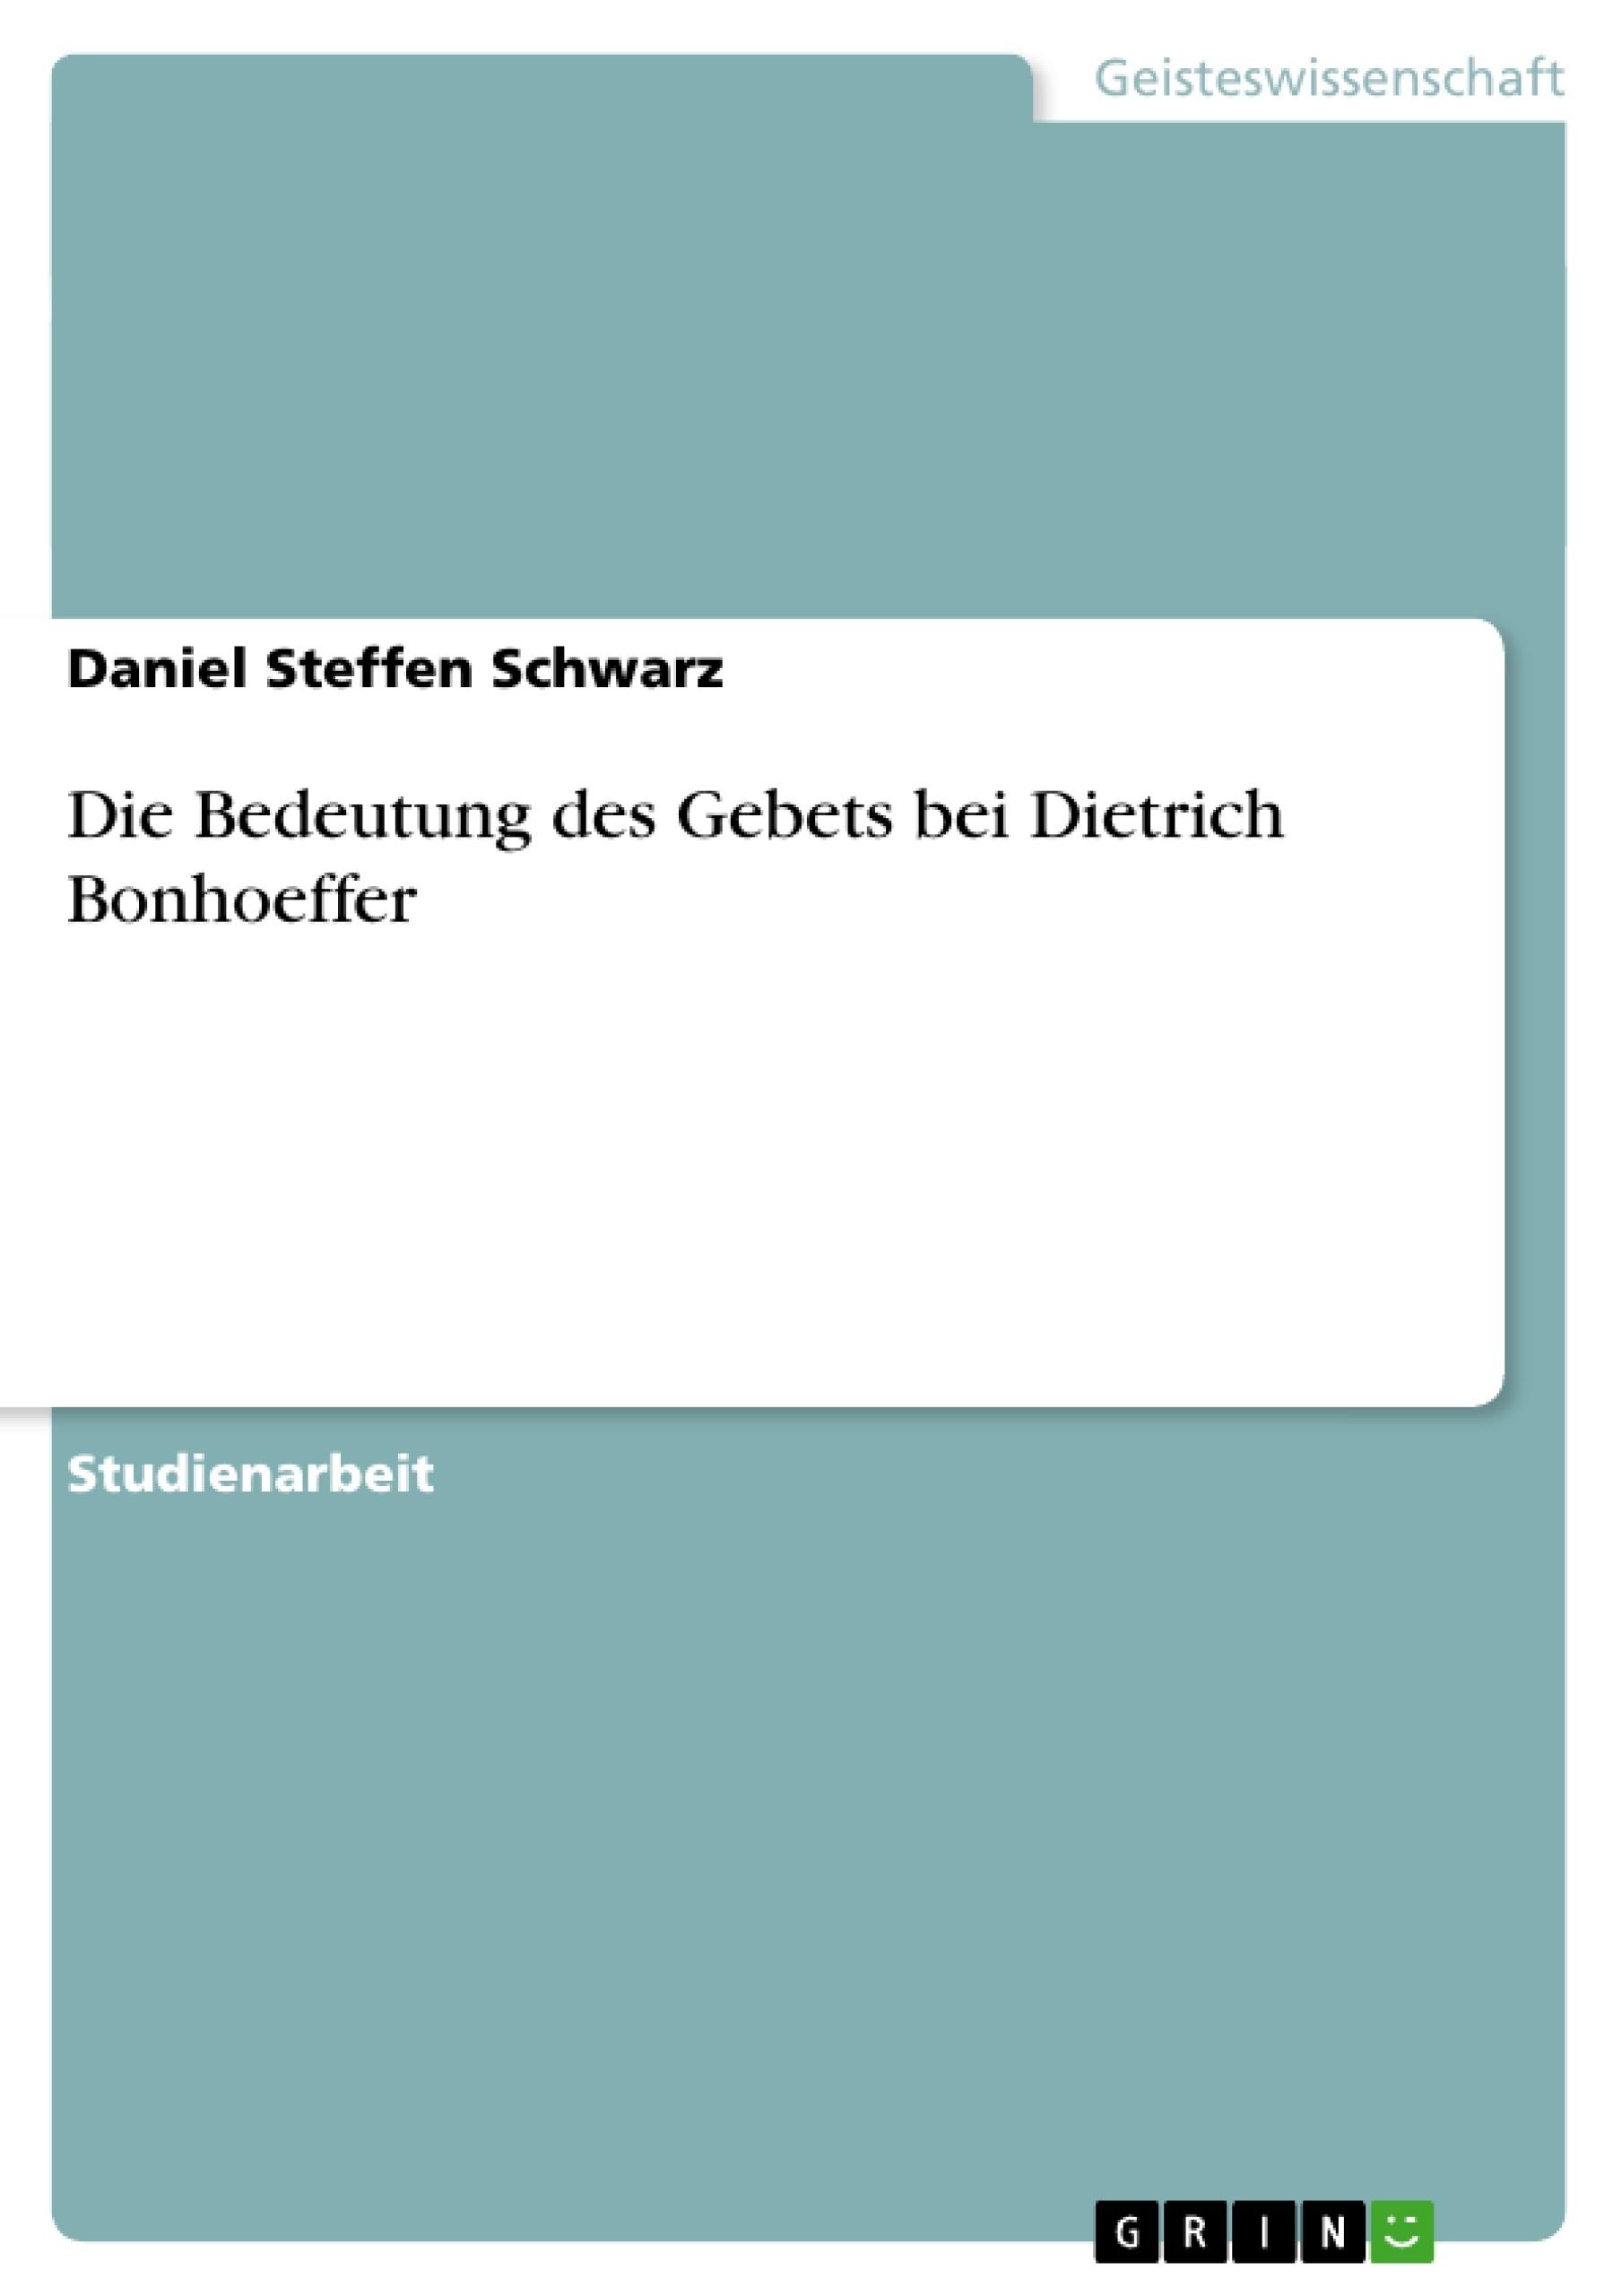 Titel: Die Bedeutung des Gebets bei Dietrich Bonhoeffer